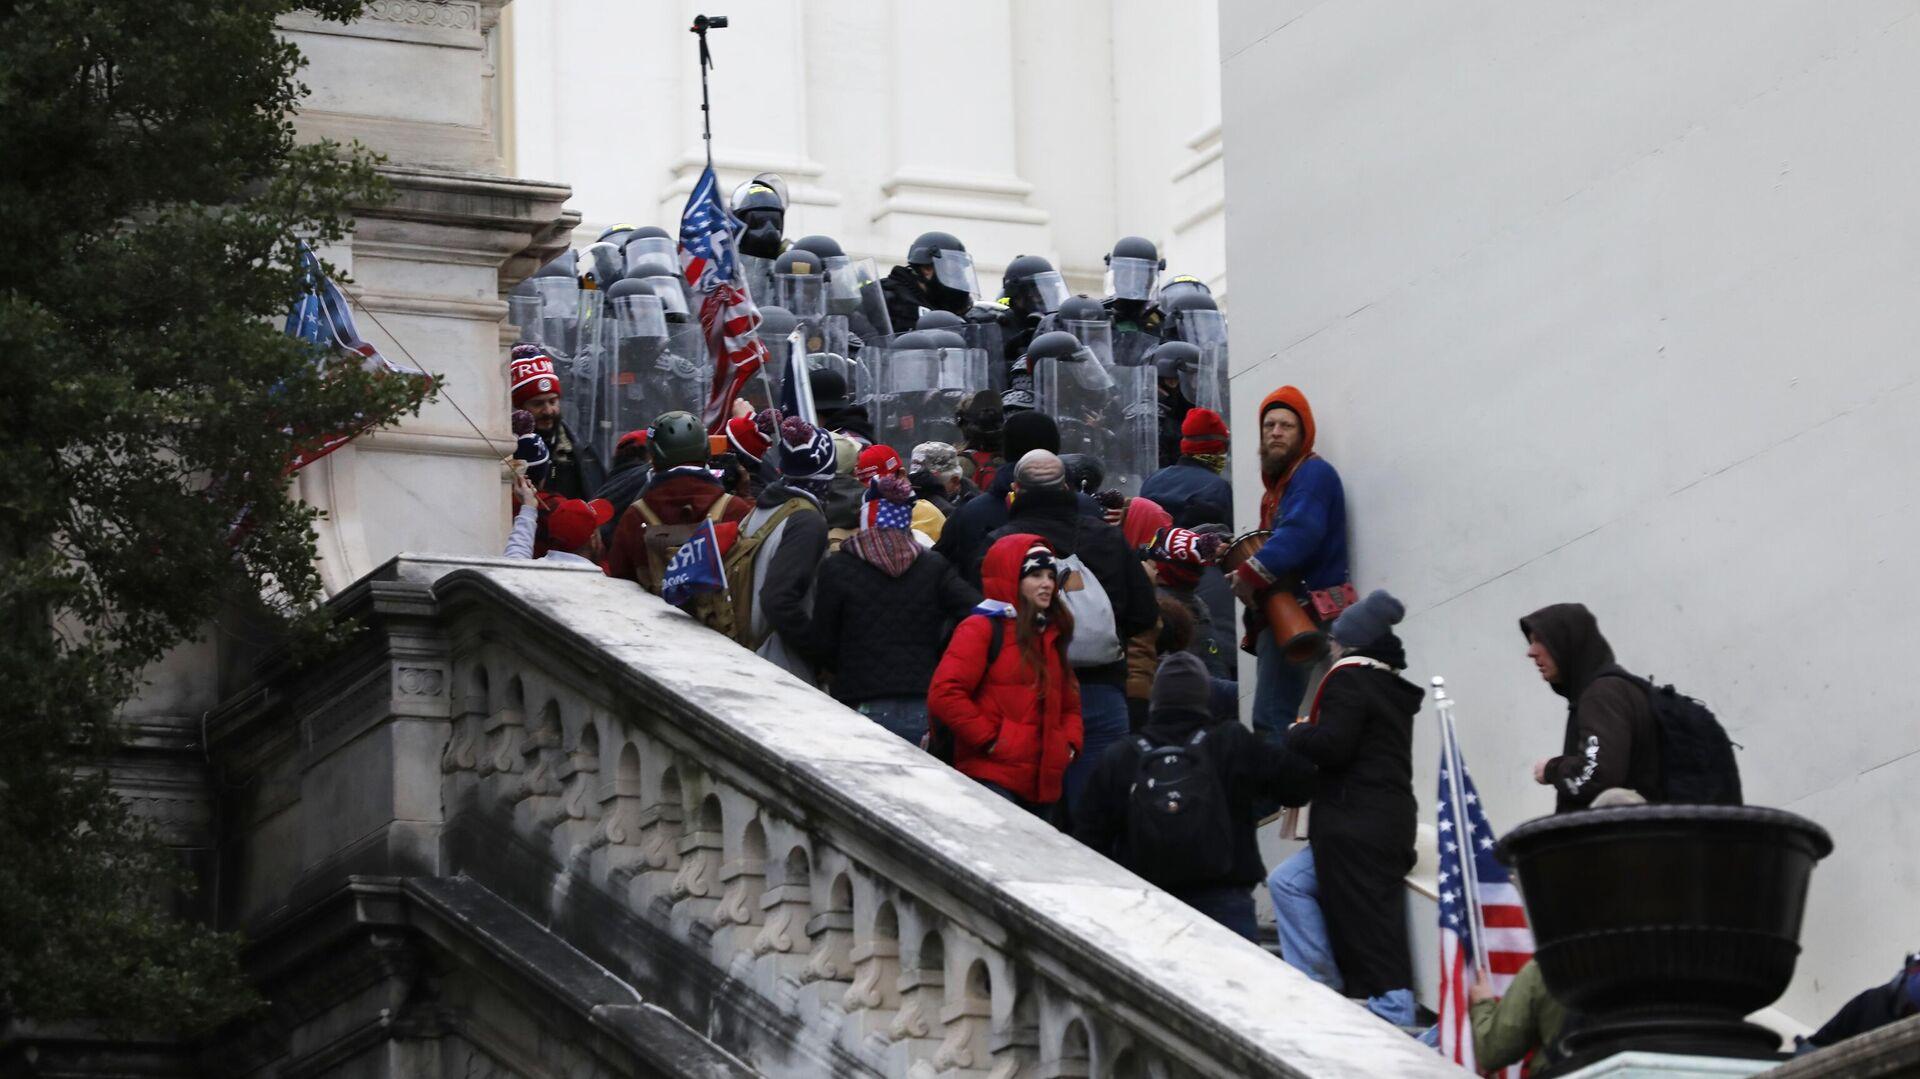 Участники акции протеста сторонников действующего президента США Дональда Трампа у здания конгресса в Вашингтоне - РИА Новости, 1920, 07.01.2021